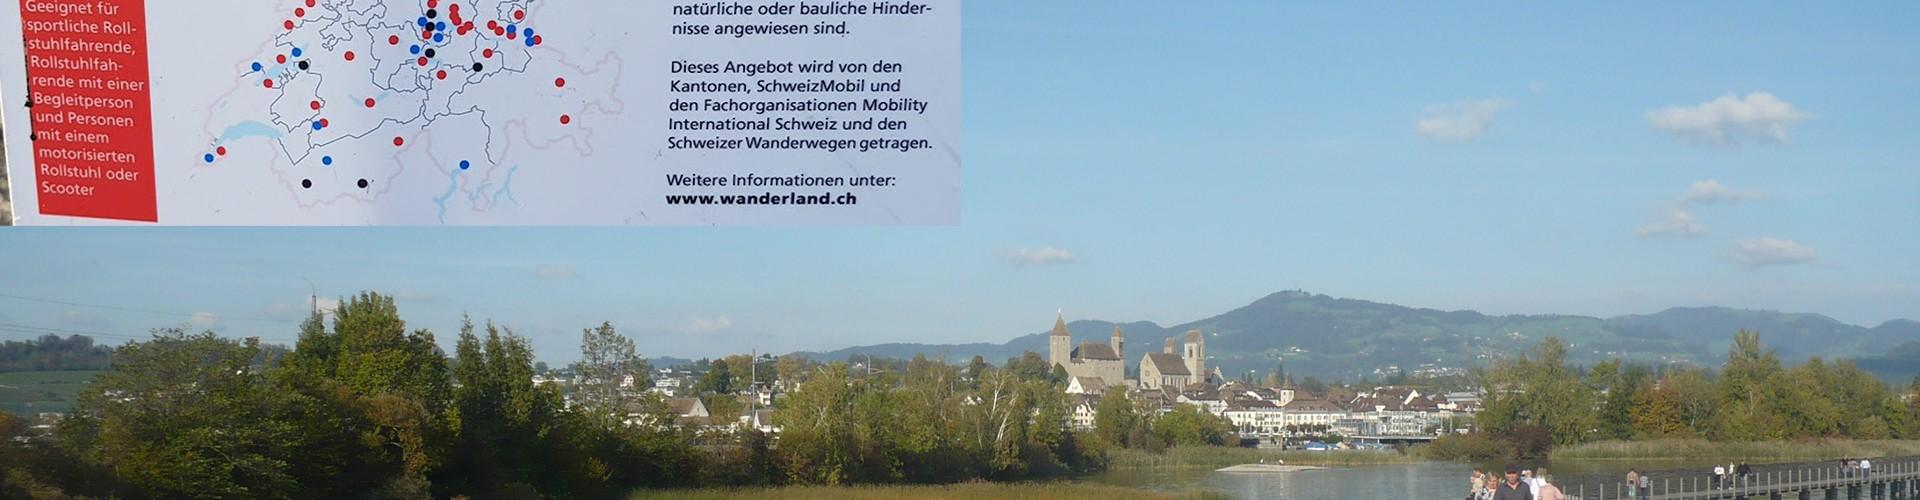 Ausblick über die Holzbrücke Seedamm in der Schweiz. Im Bild noch ein Bild mit Erklärungstext, siehe im Text darunter.